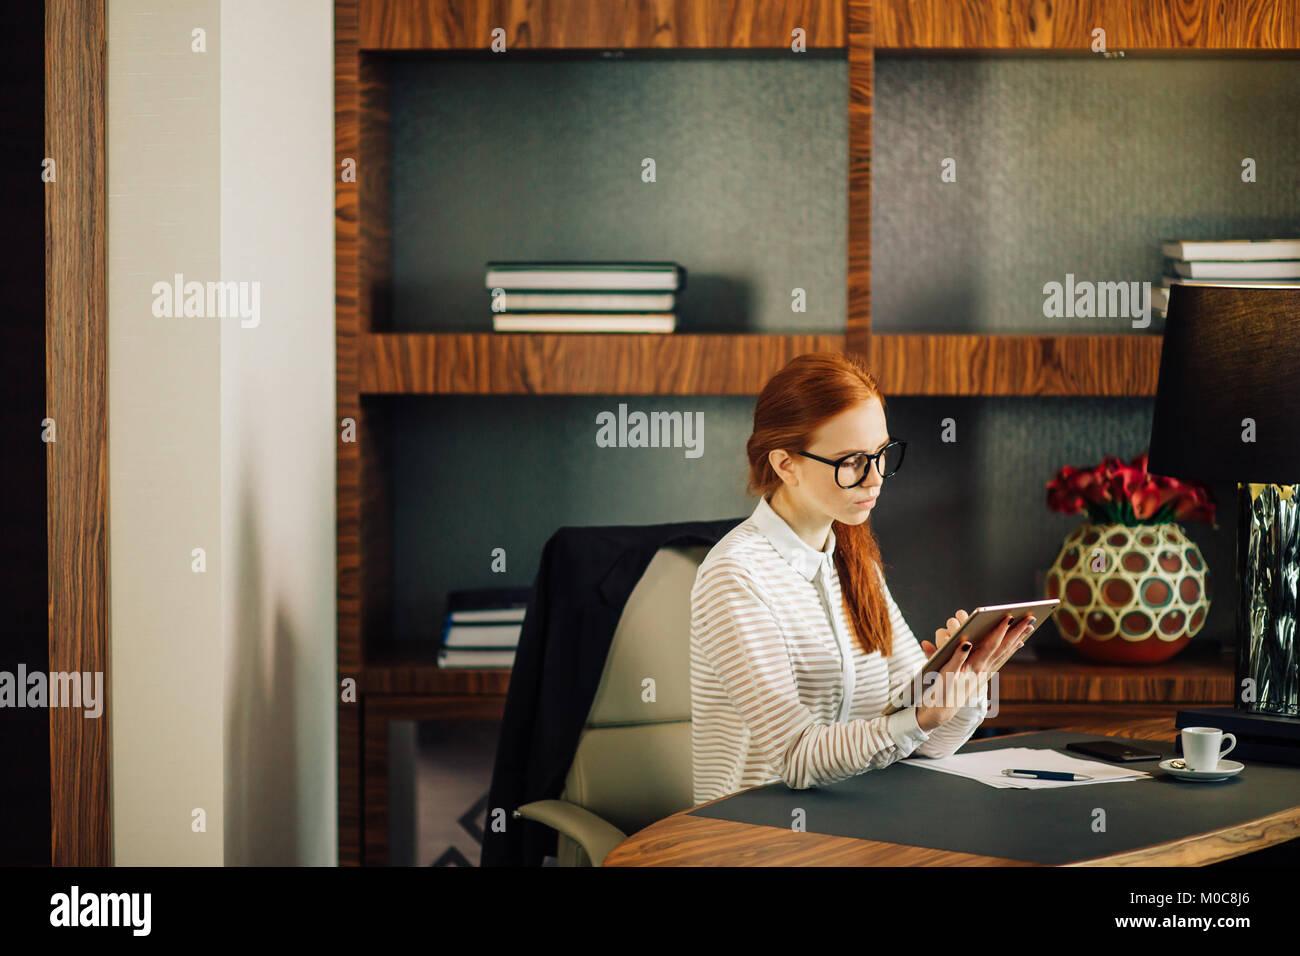 La empresaria gafas utilizando tablet digital en Office Imagen De Stock